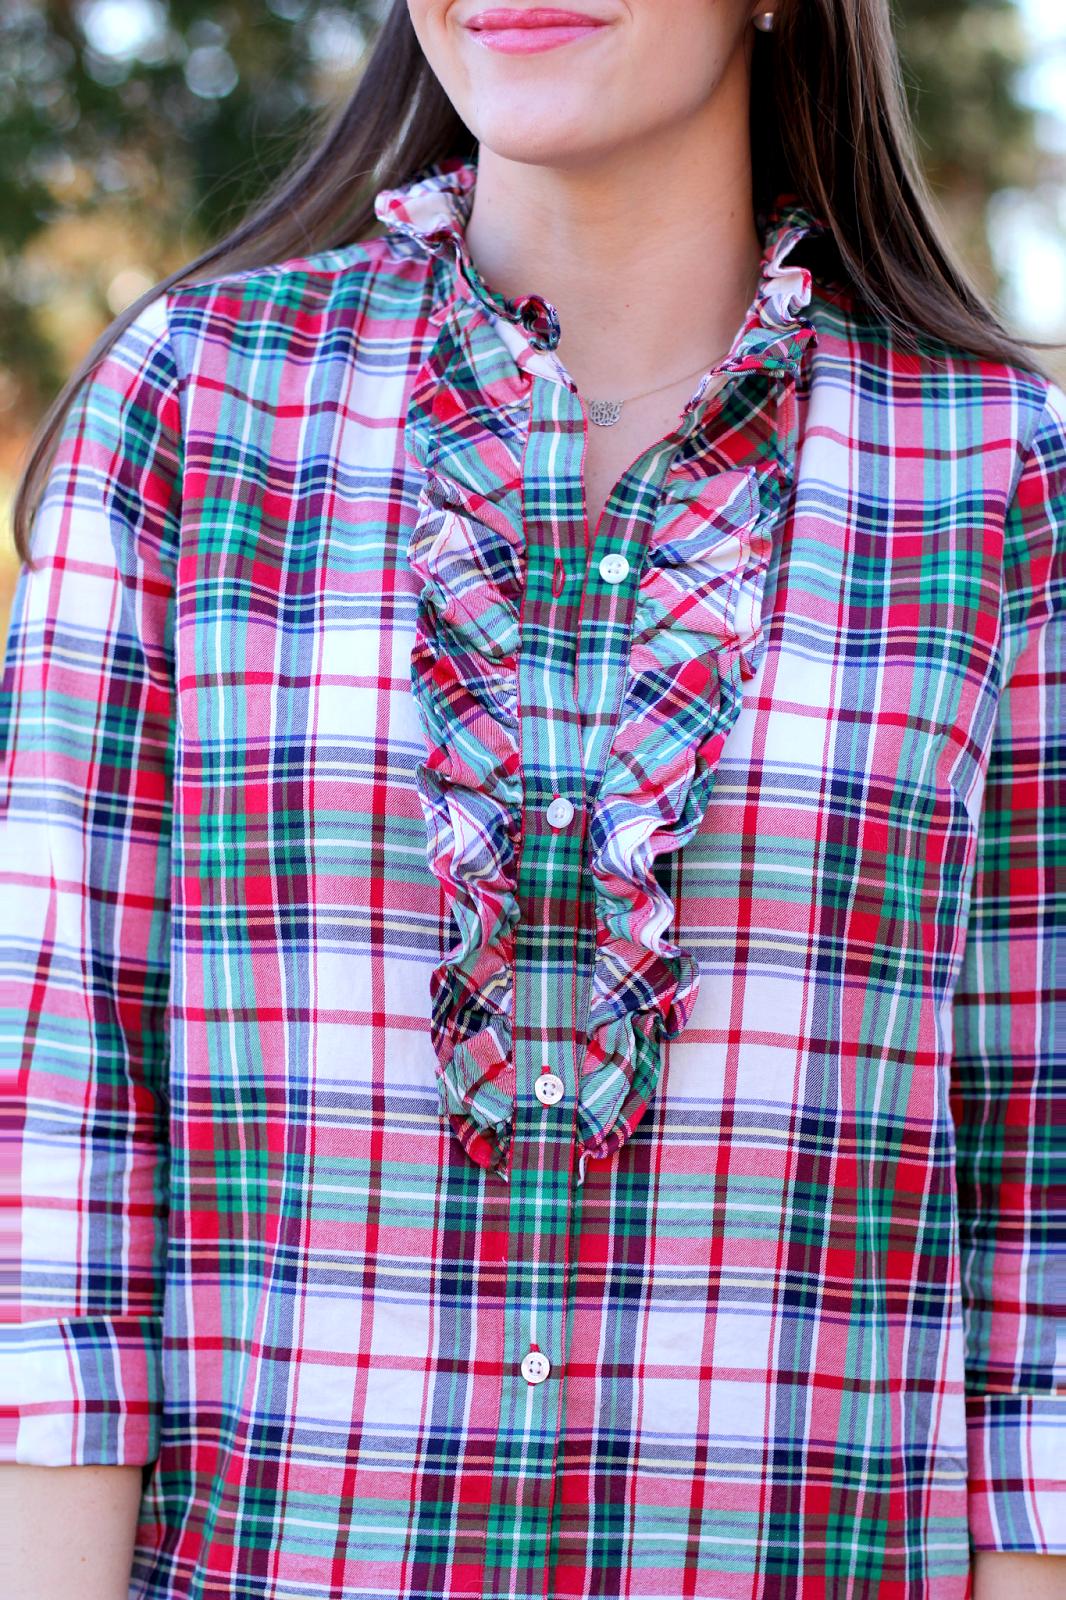 Vineyard Vines Plaid Ruffle Shirt New York City Fashion